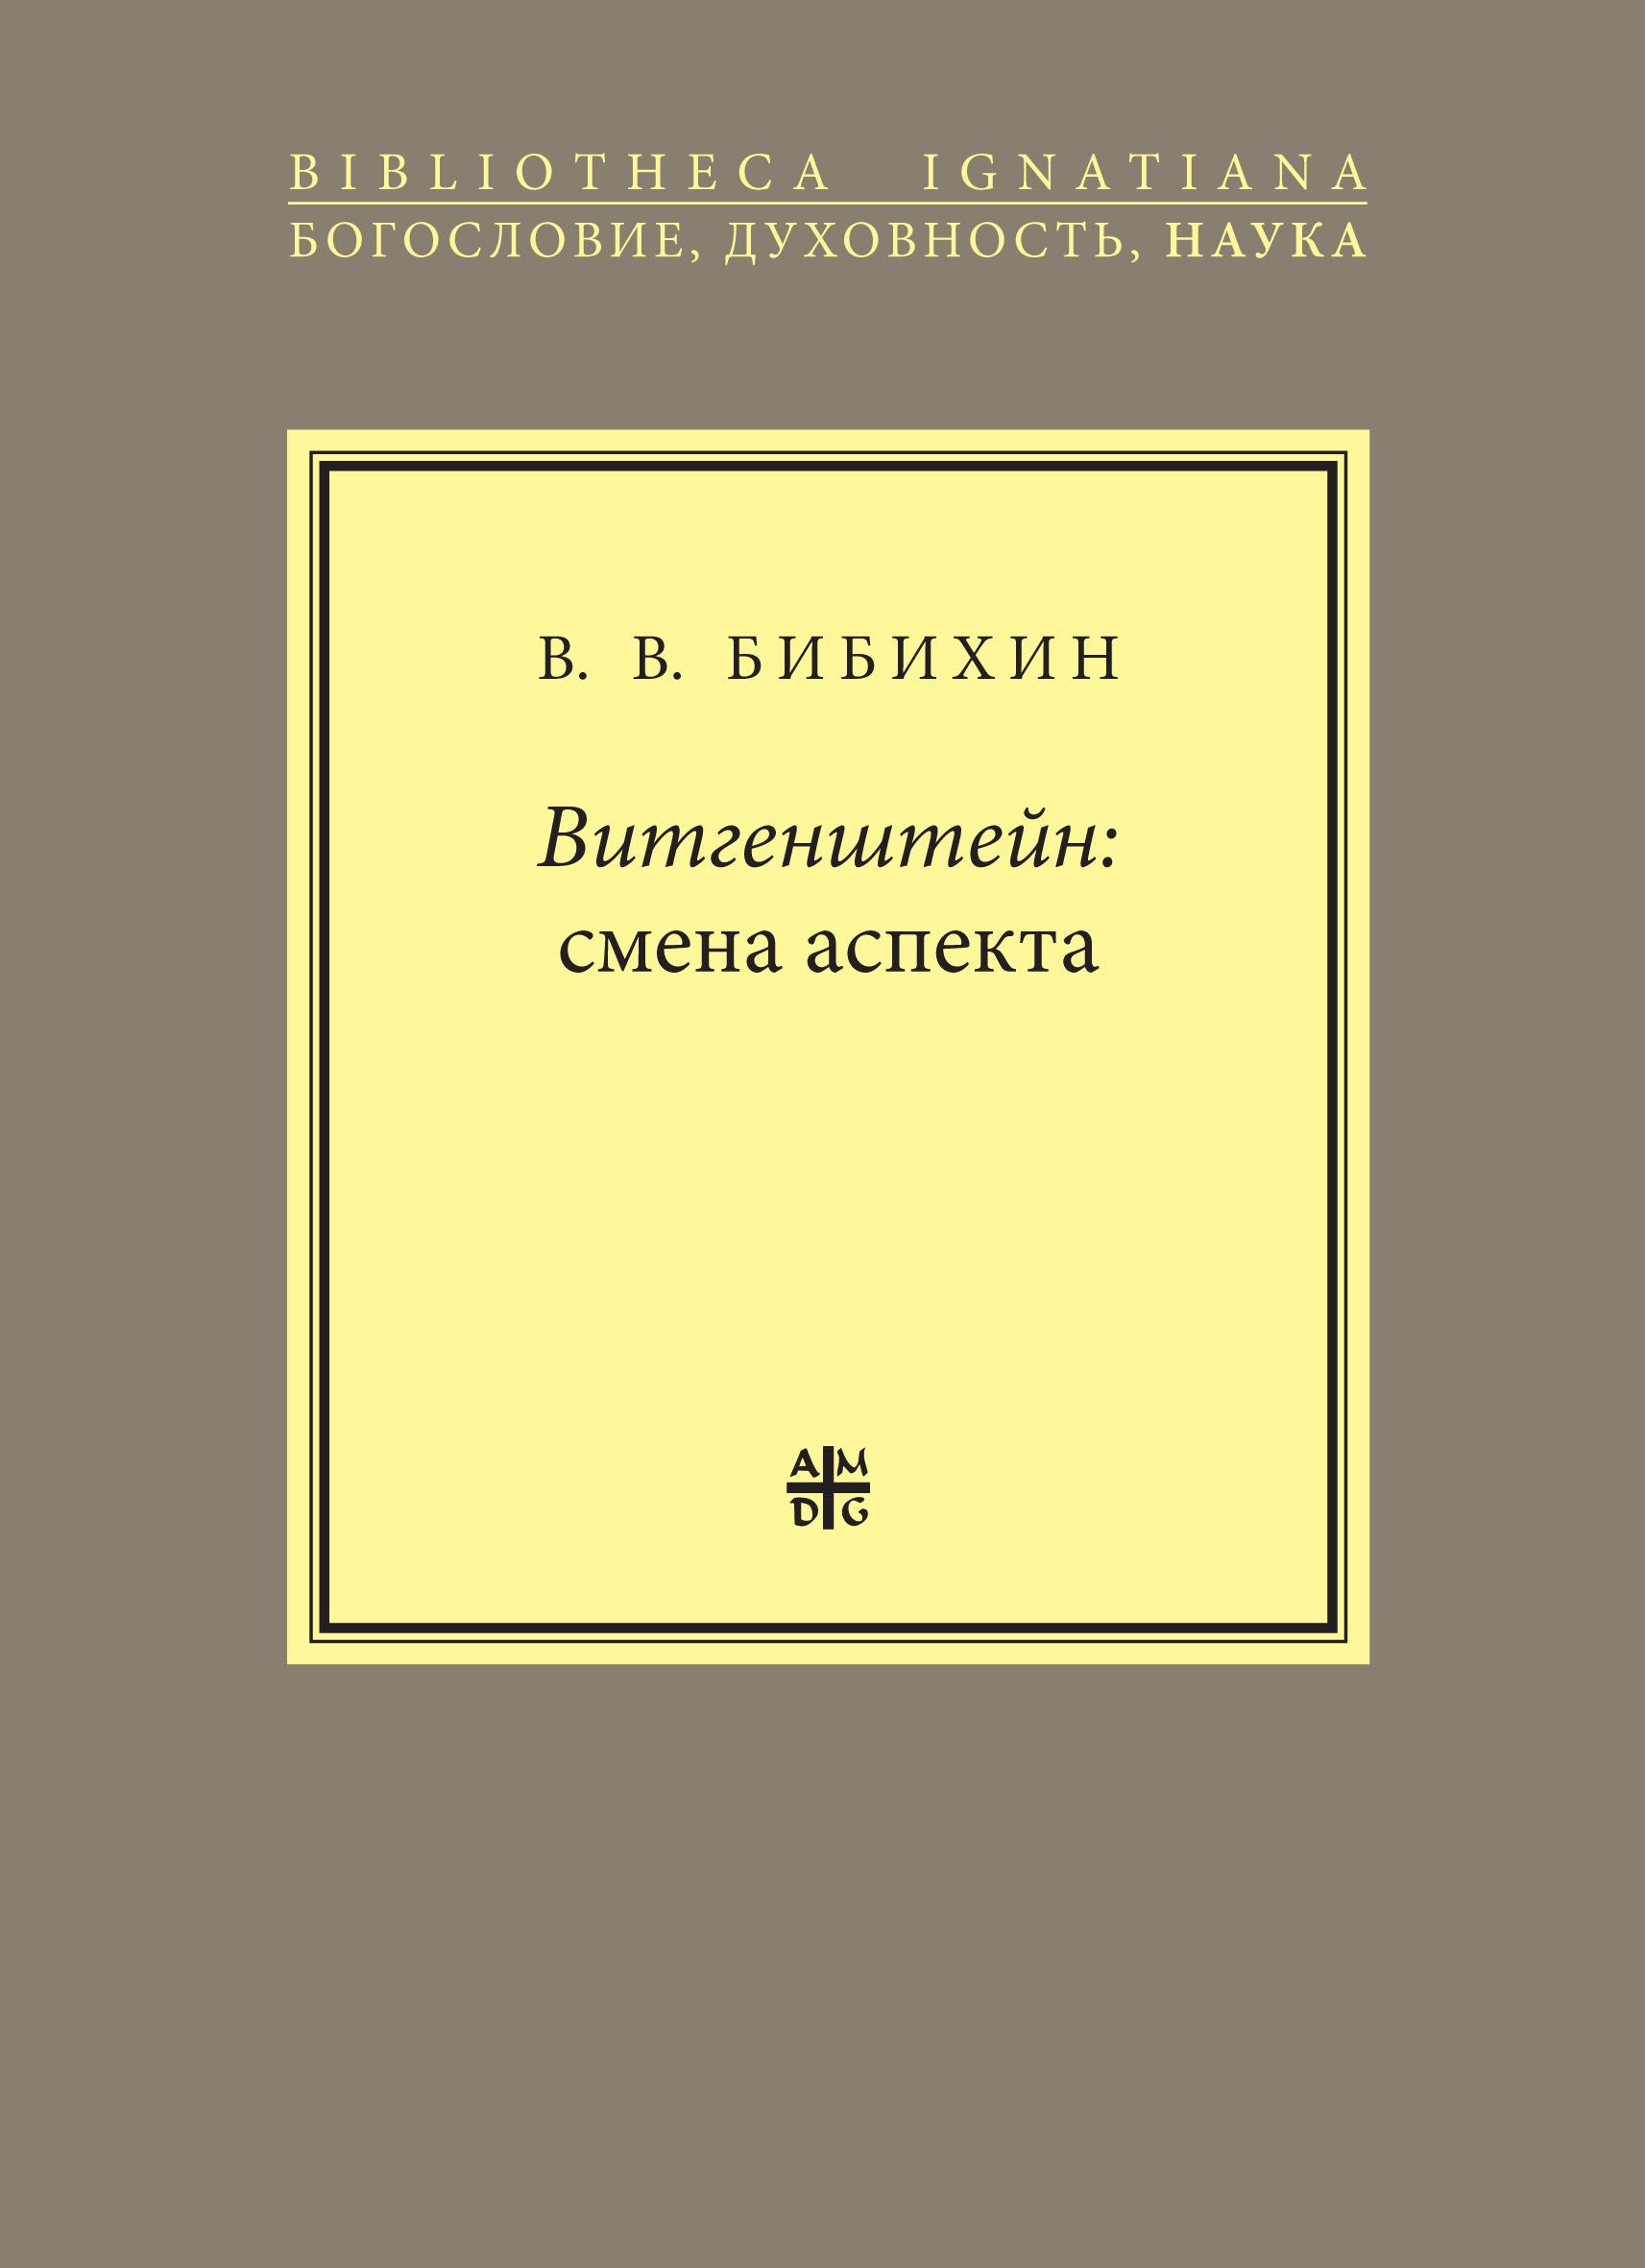 Витгенштейн: смена аспекта_В. В. Бибихин